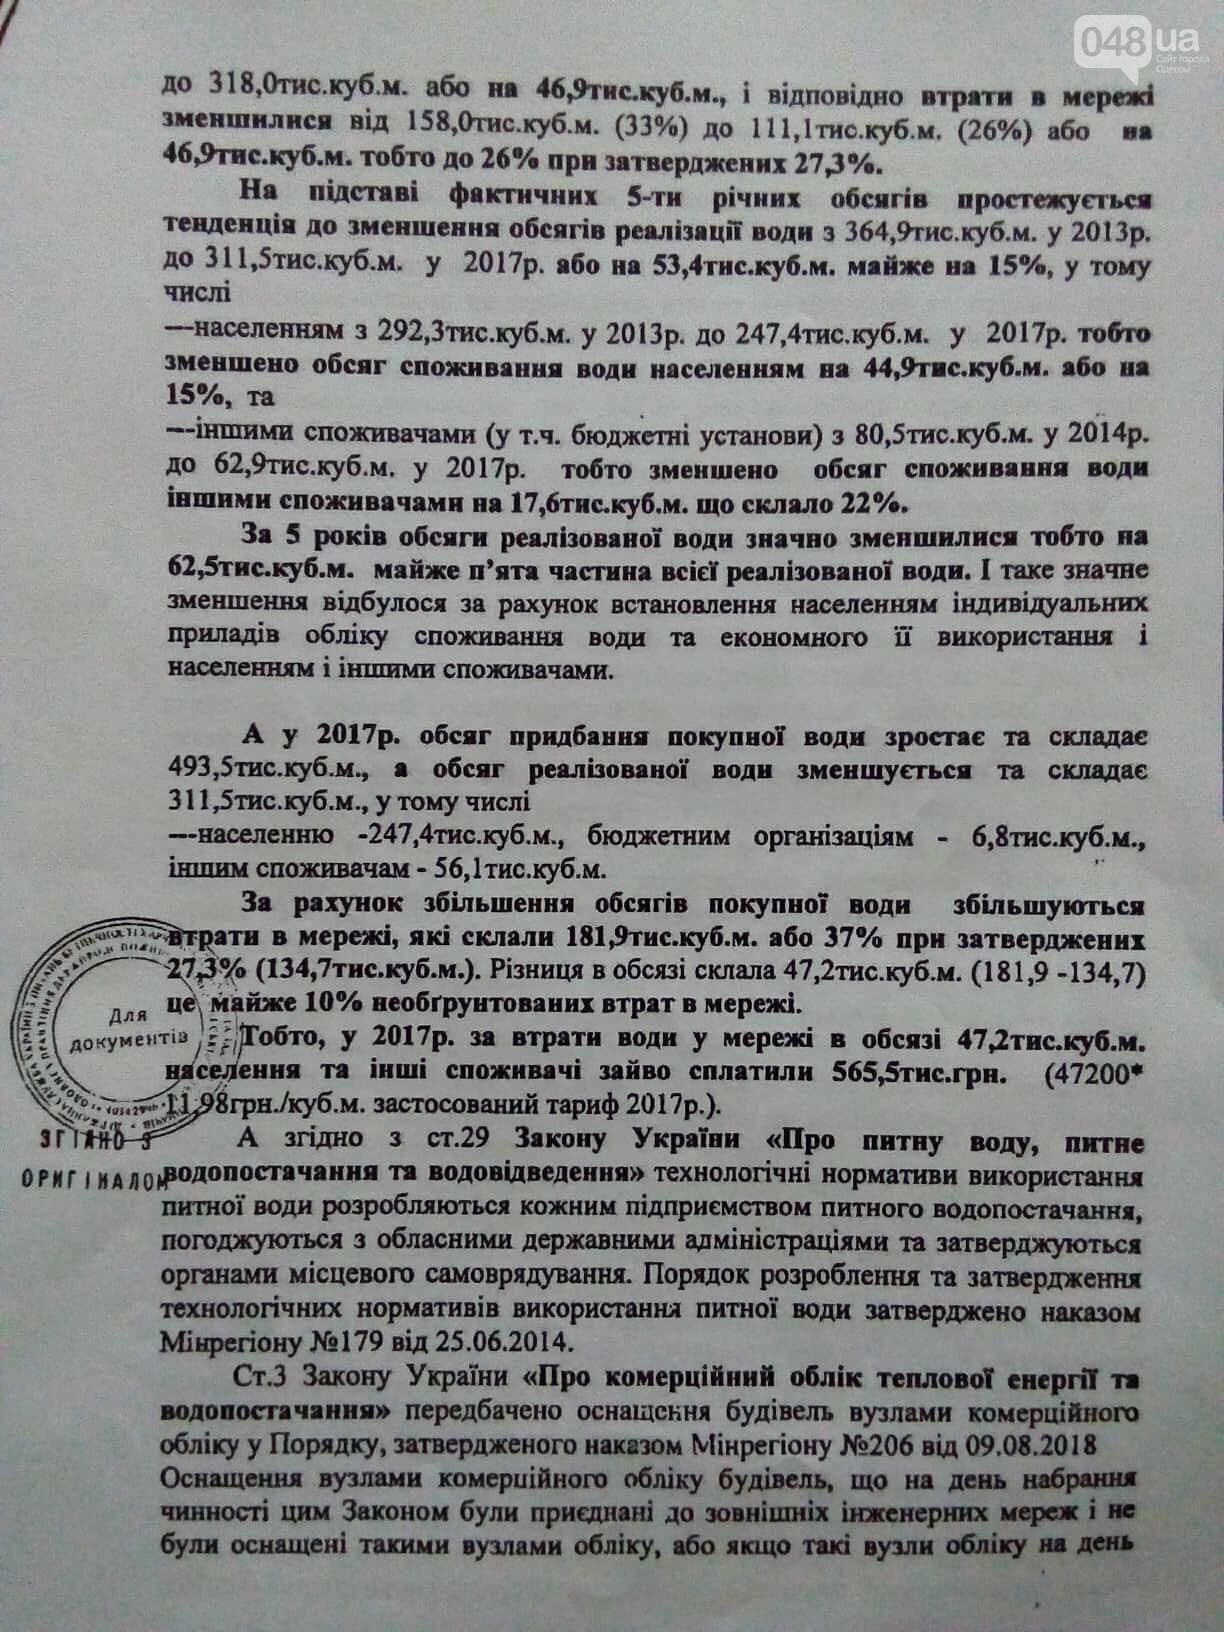 Заключение аудиторов про нарушения Теплодарводоканала